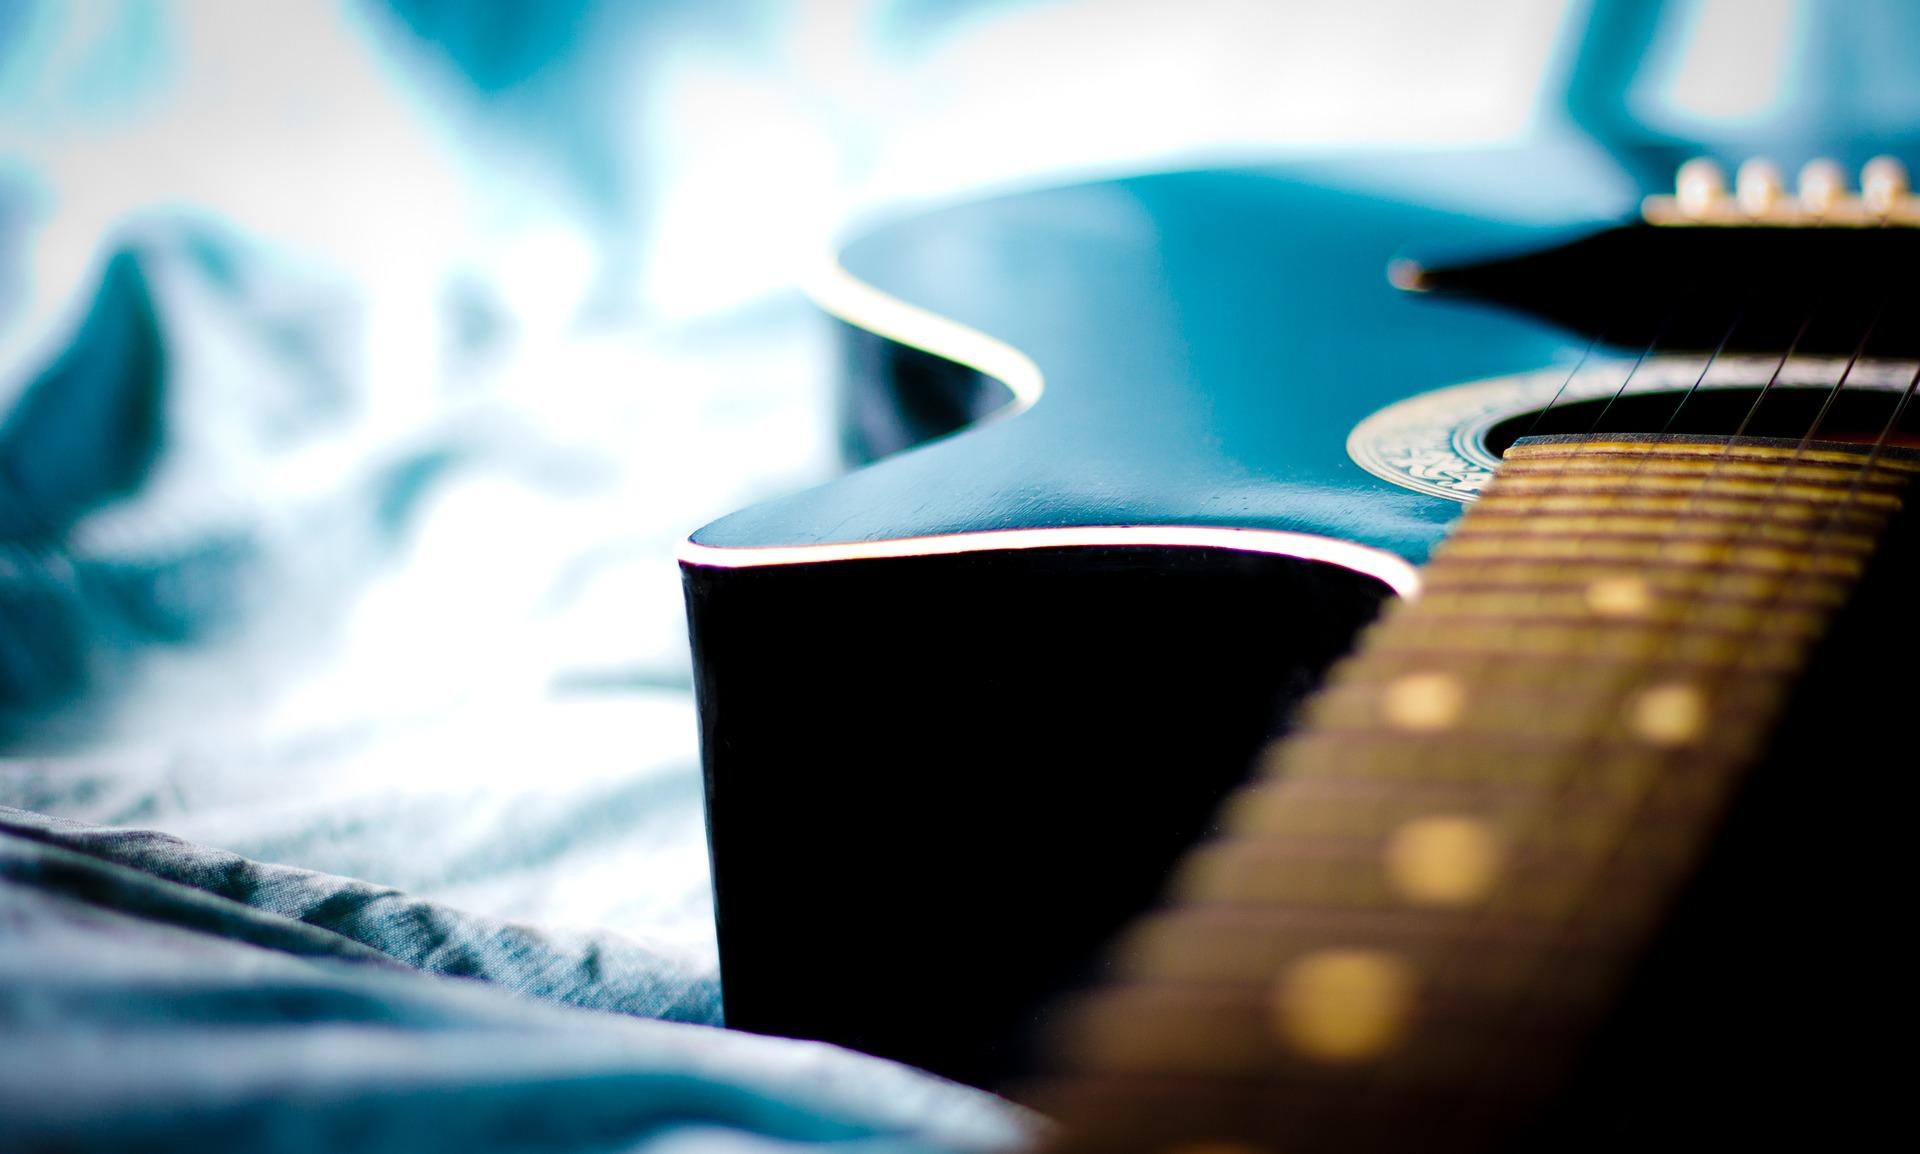 guitarra, cuerdas, canción, creatividad, arte, acorde - Fondos de Pantalla HD - professor-falken.com